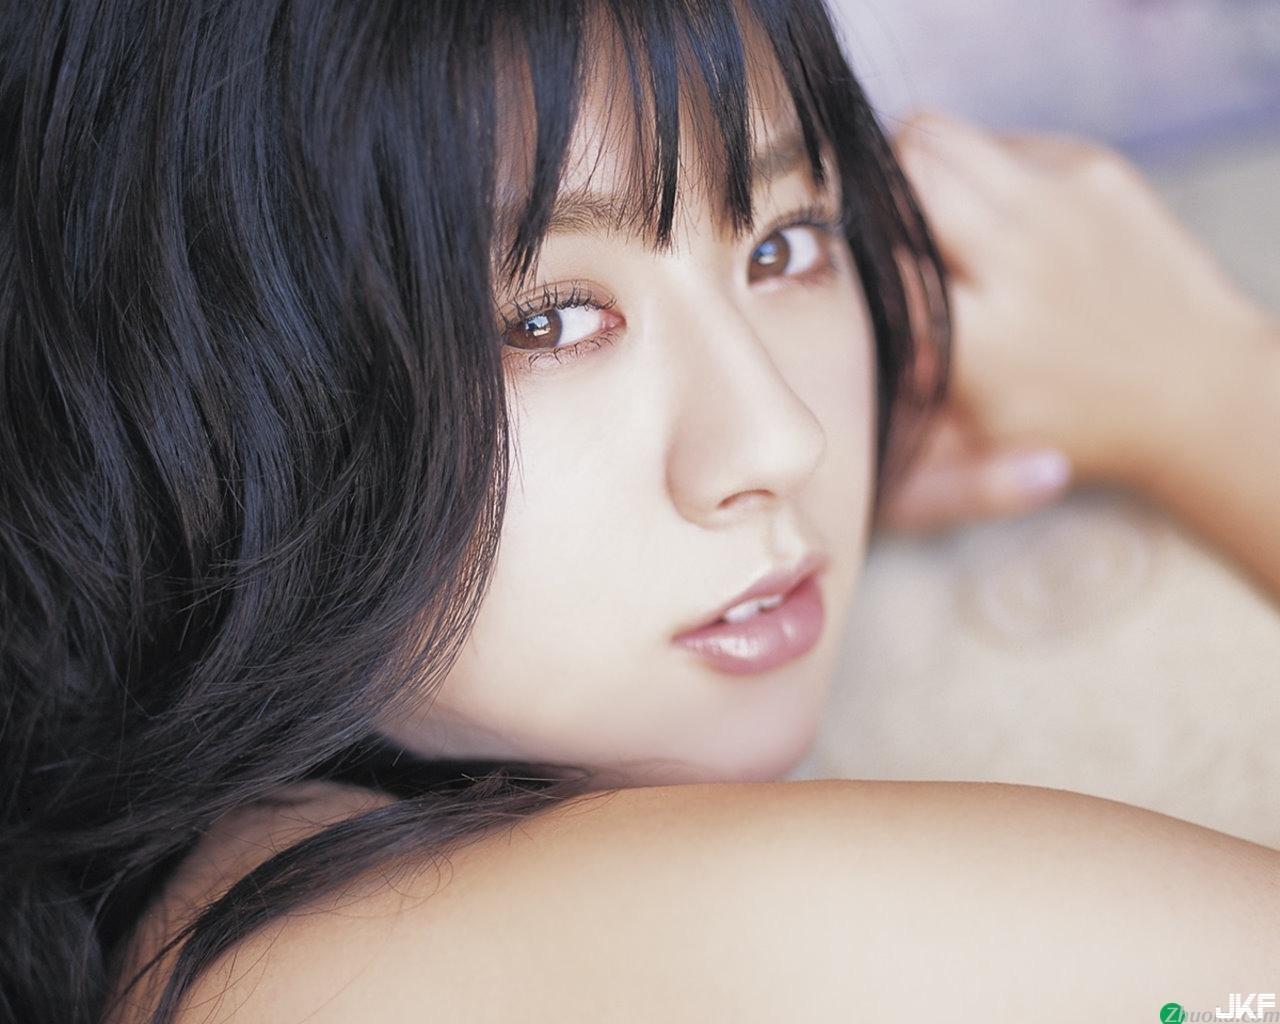 Miki_Inase045.jpg